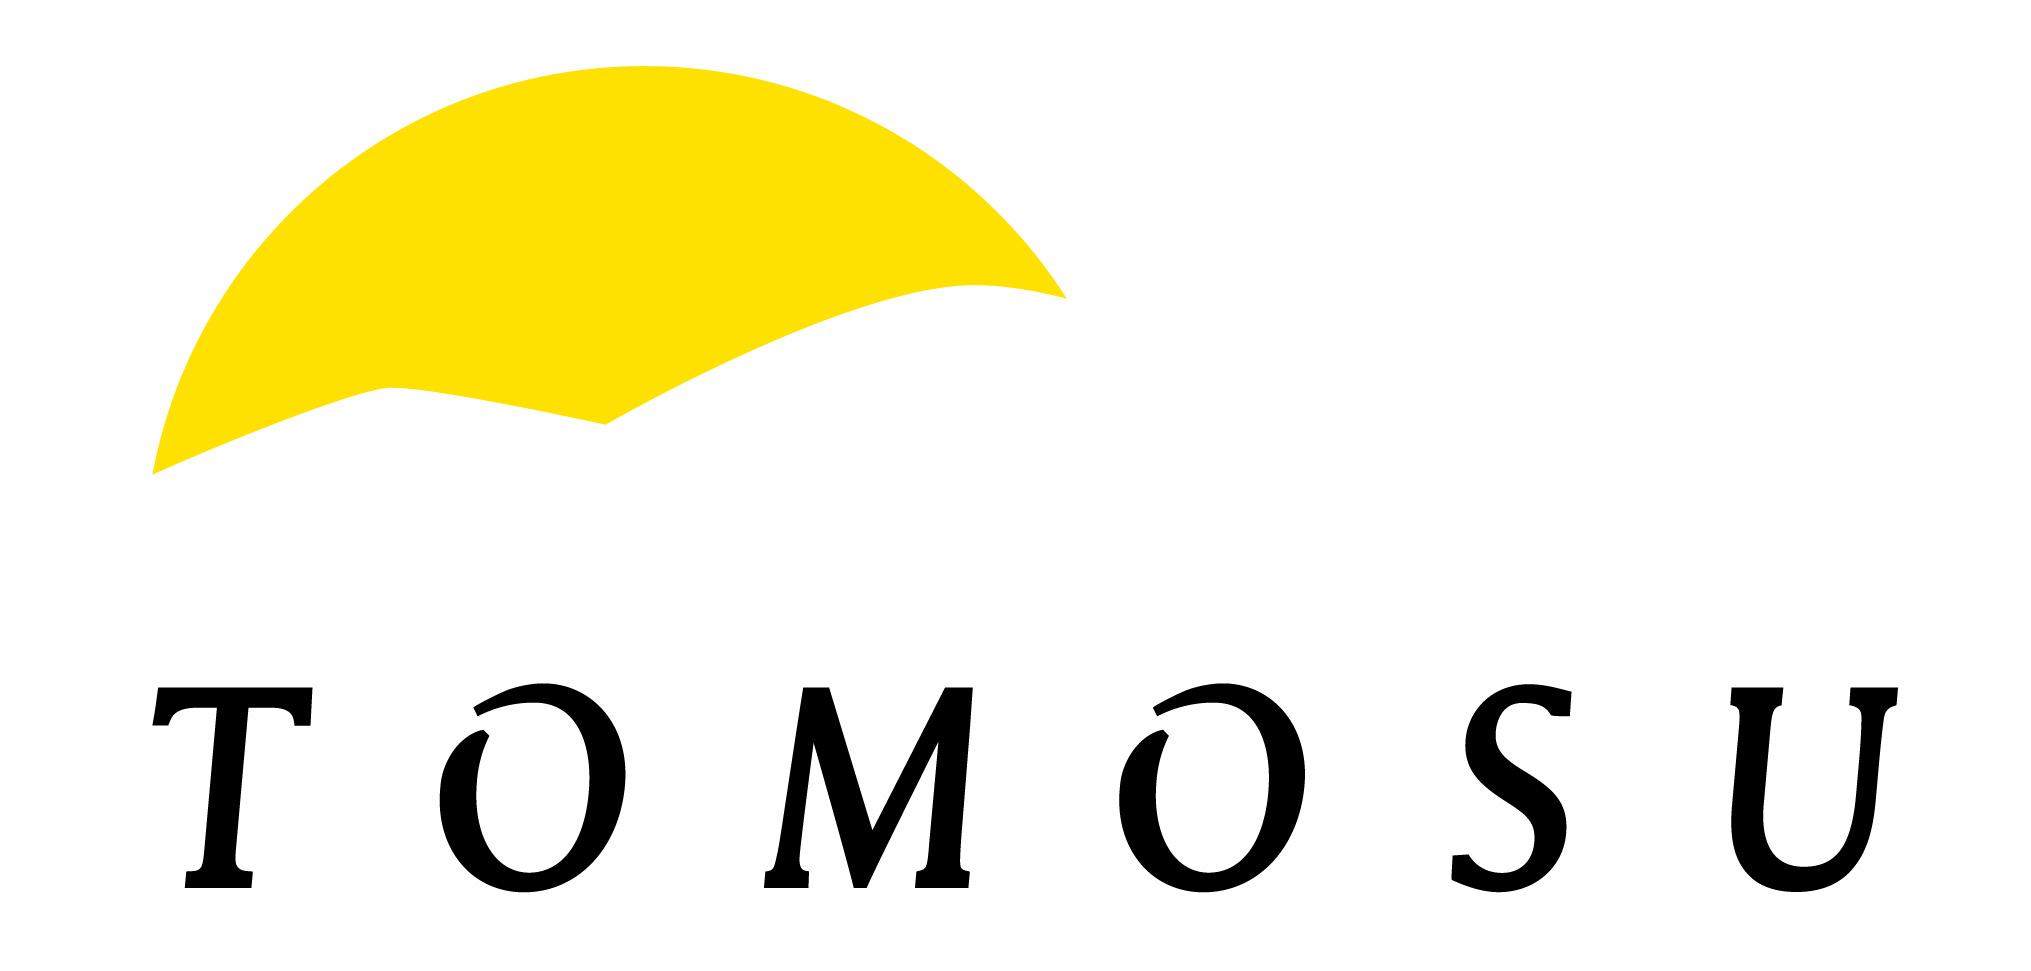 TOMOSU